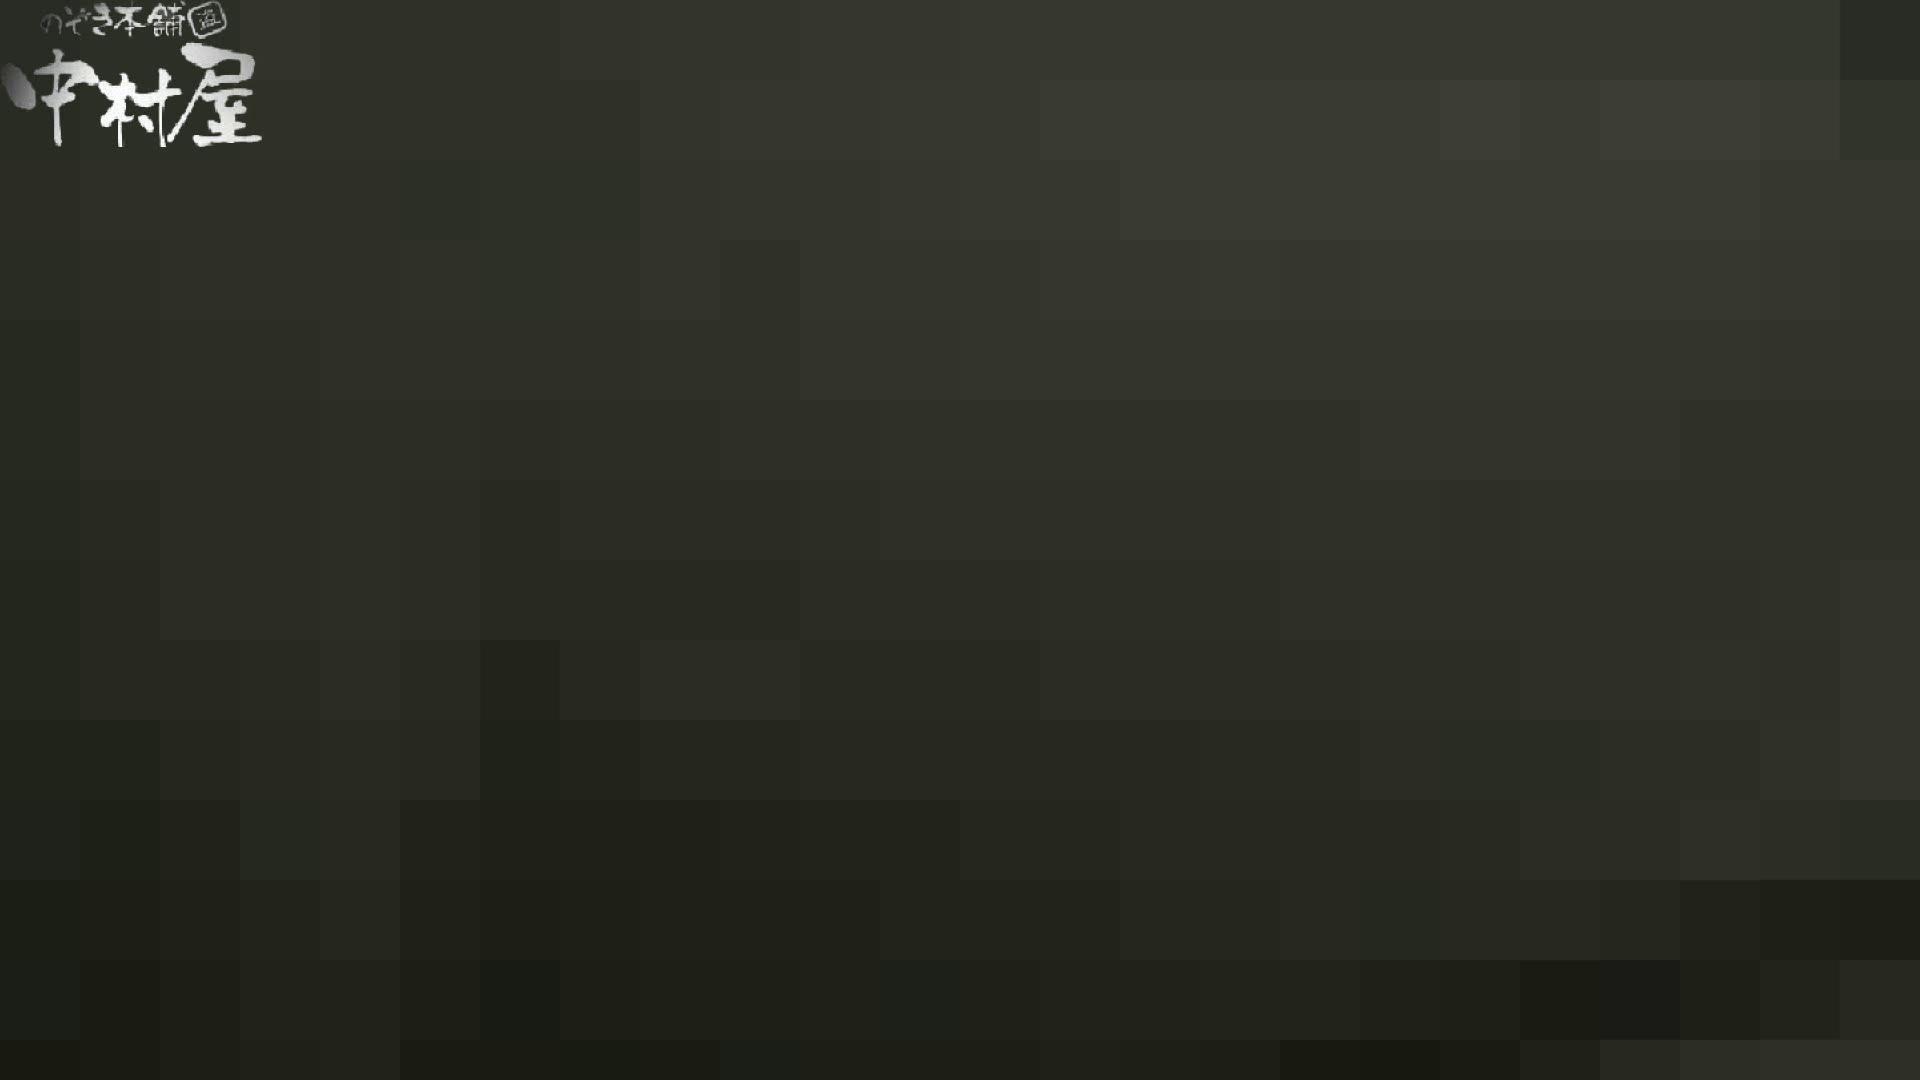 【お銀さんの「洗面所突入レポート!!」】お銀さんの「洗面所突入レポート!!」 vol.29 ∑(゚Д゚)アッ! 洗面所 | HなOL  100pic 50